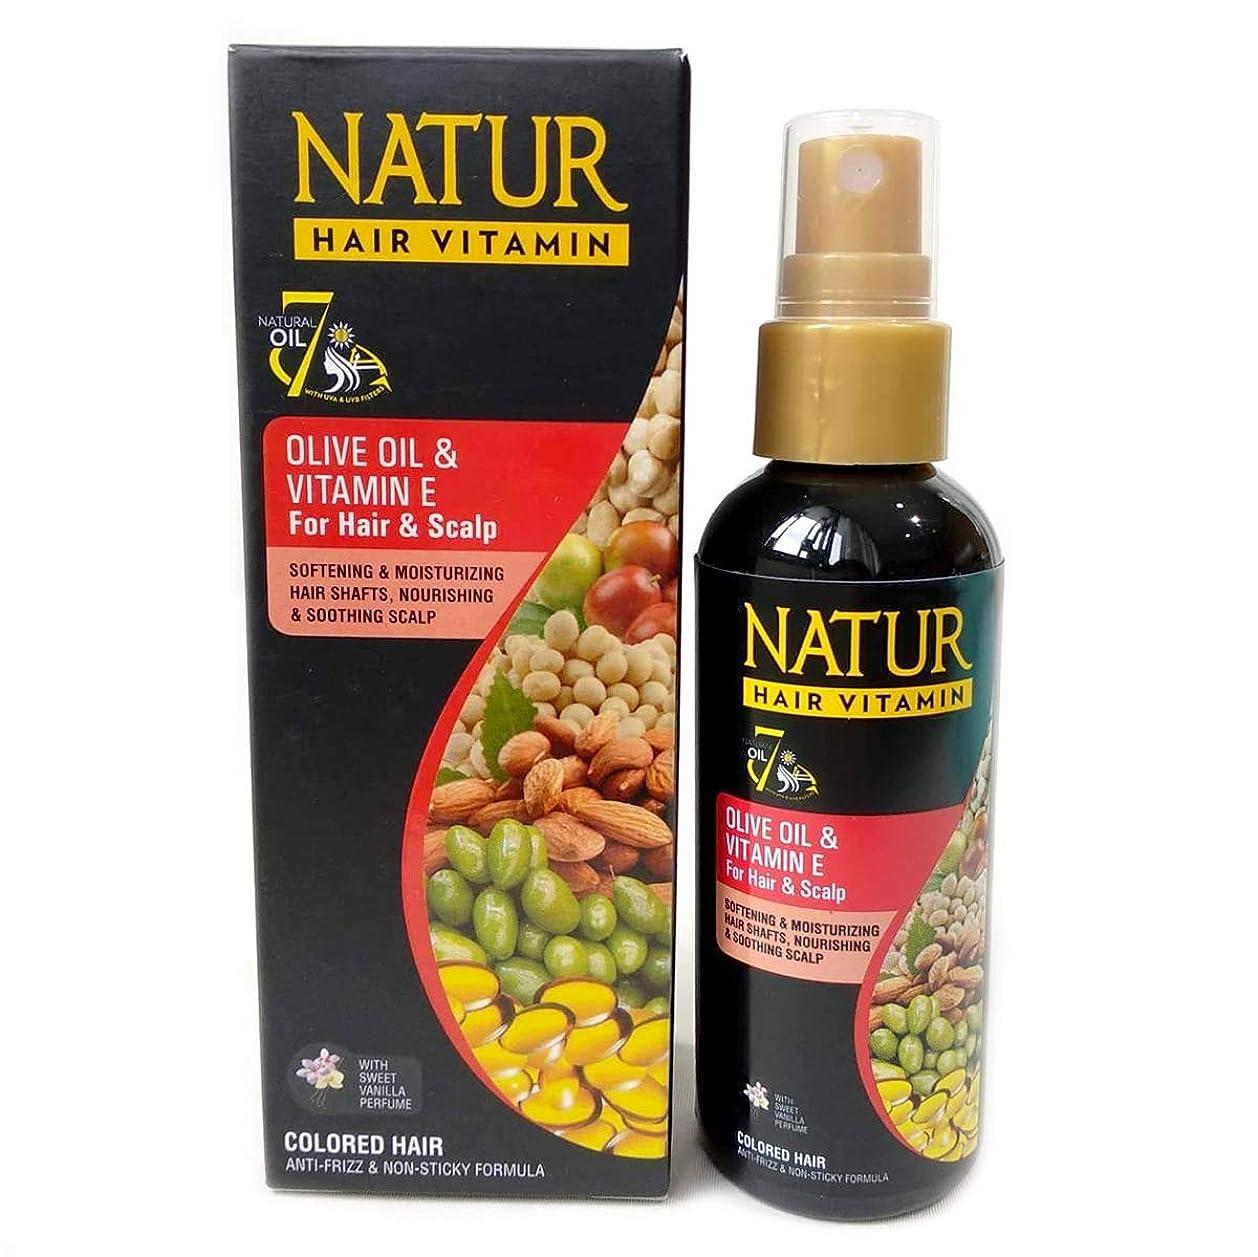 即席セミナーコントロールNATUR ナトゥール 天然植物エキス配合 Hair Vitamin ハーバルヘアビタミン 80ml Olive oil&Vitamin E オリーブオイル&ビタミンE [海外直商品]